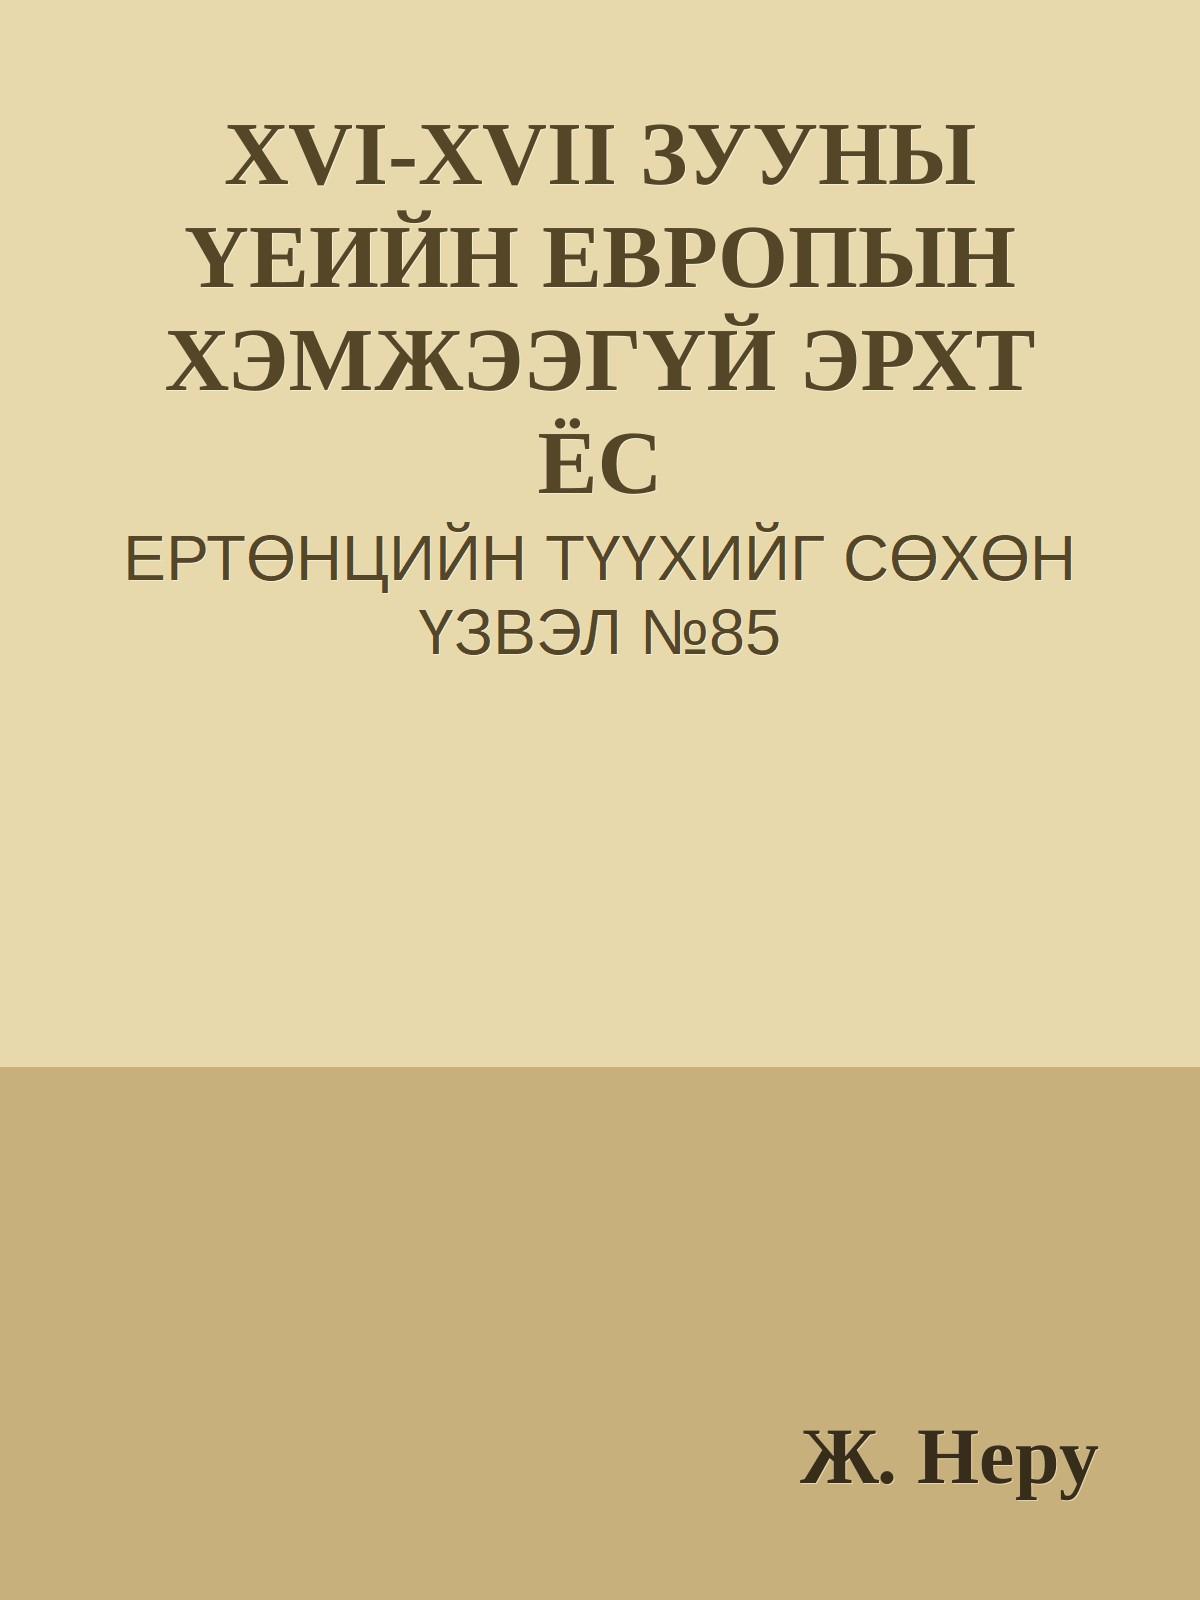 XVI-XVII ЗУУНЫ ҮЕИЙН ЕВРОПЫН ХЭМЖЭЭГҮЙ ЭРХТ ЁС